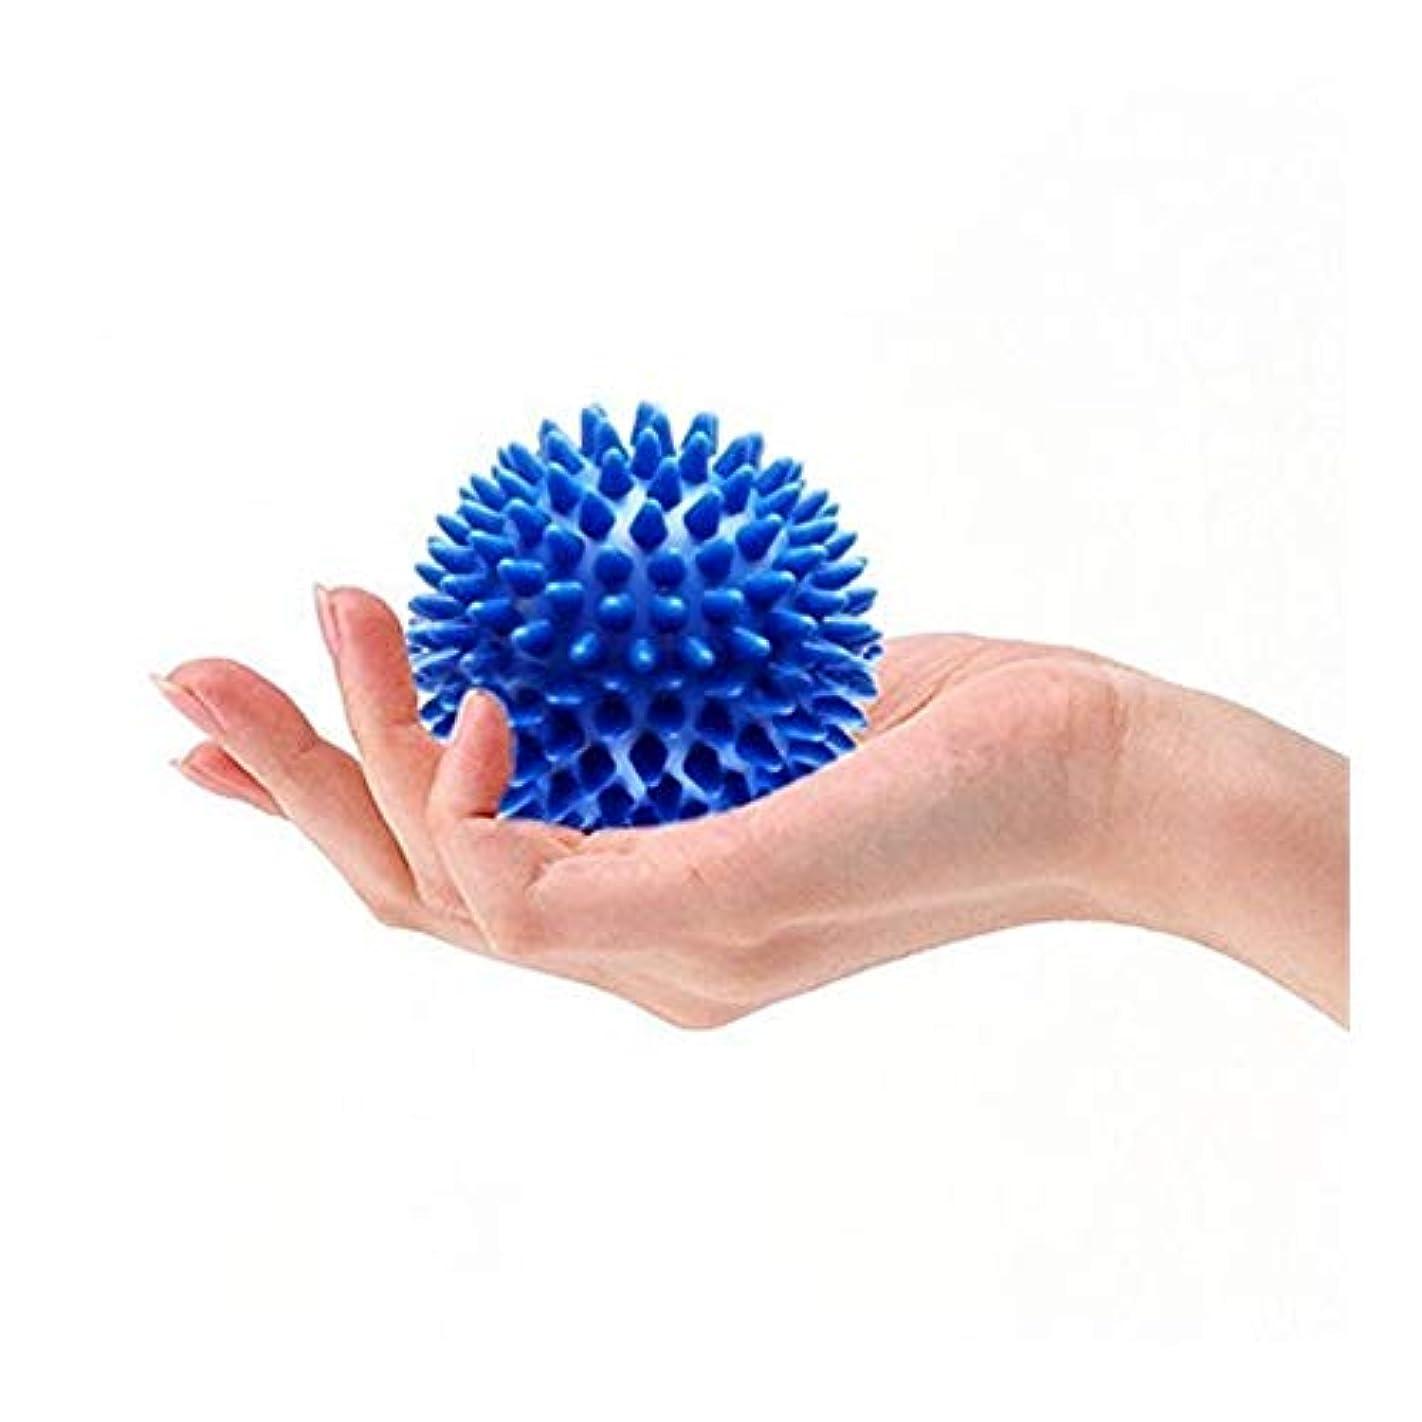 マッサージボール マッサージボール 触覚ボール 背中のマッサージボール 足裏手 筋肉緊張和らげ 血液循環促進 ポイントマッサージ 筋筋膜リリース リハビリ マッサージ用 肩こり 腰 ふくらはぎ ツボ押しグッズ